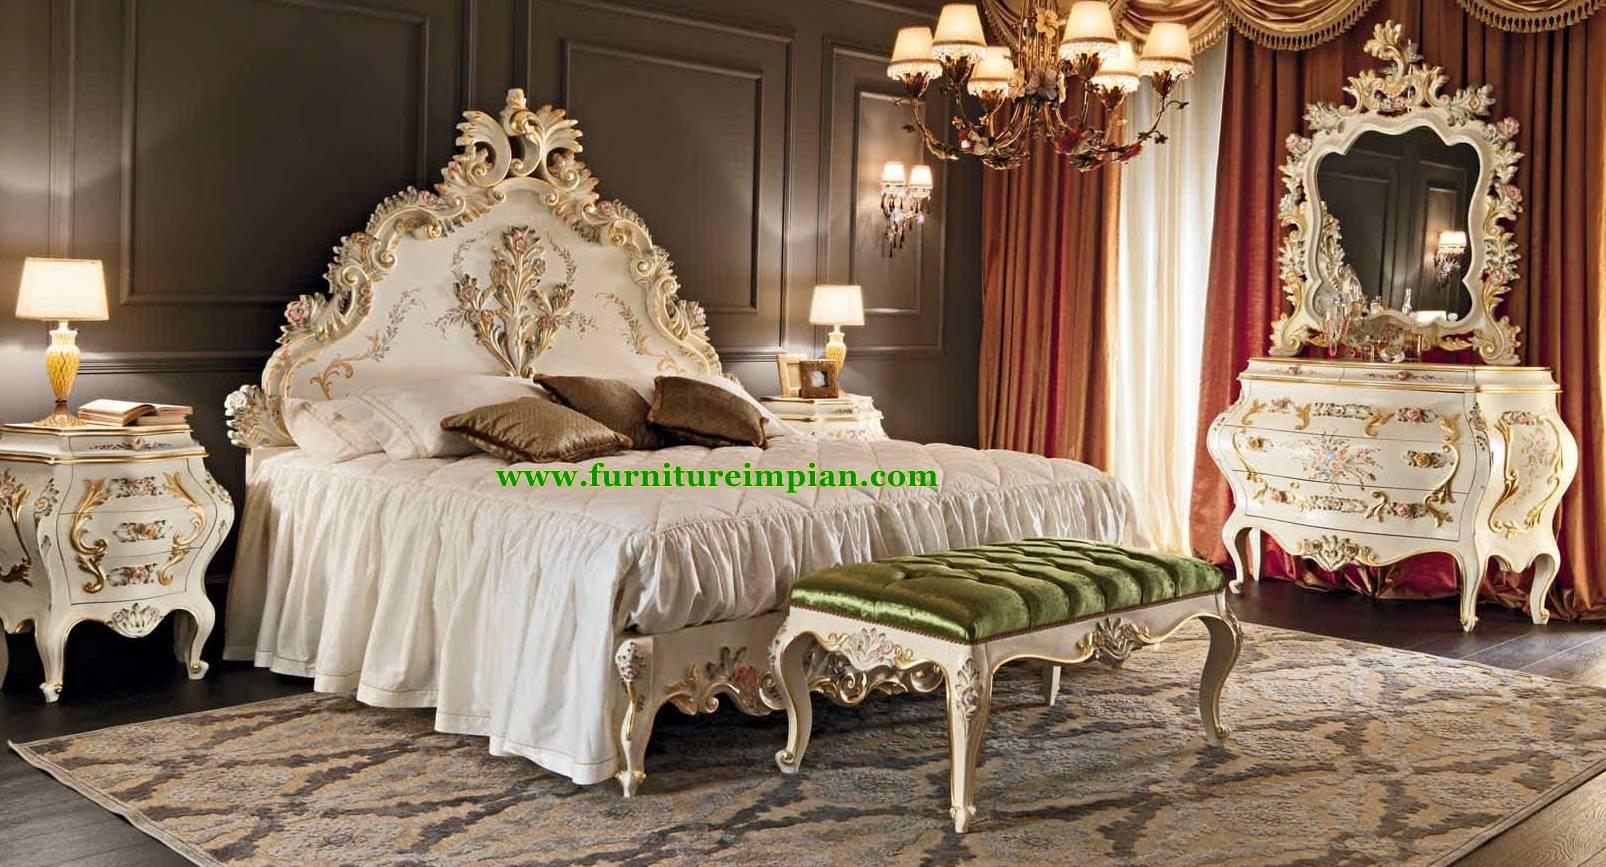 Tempat Tidur Ukir Terbaru